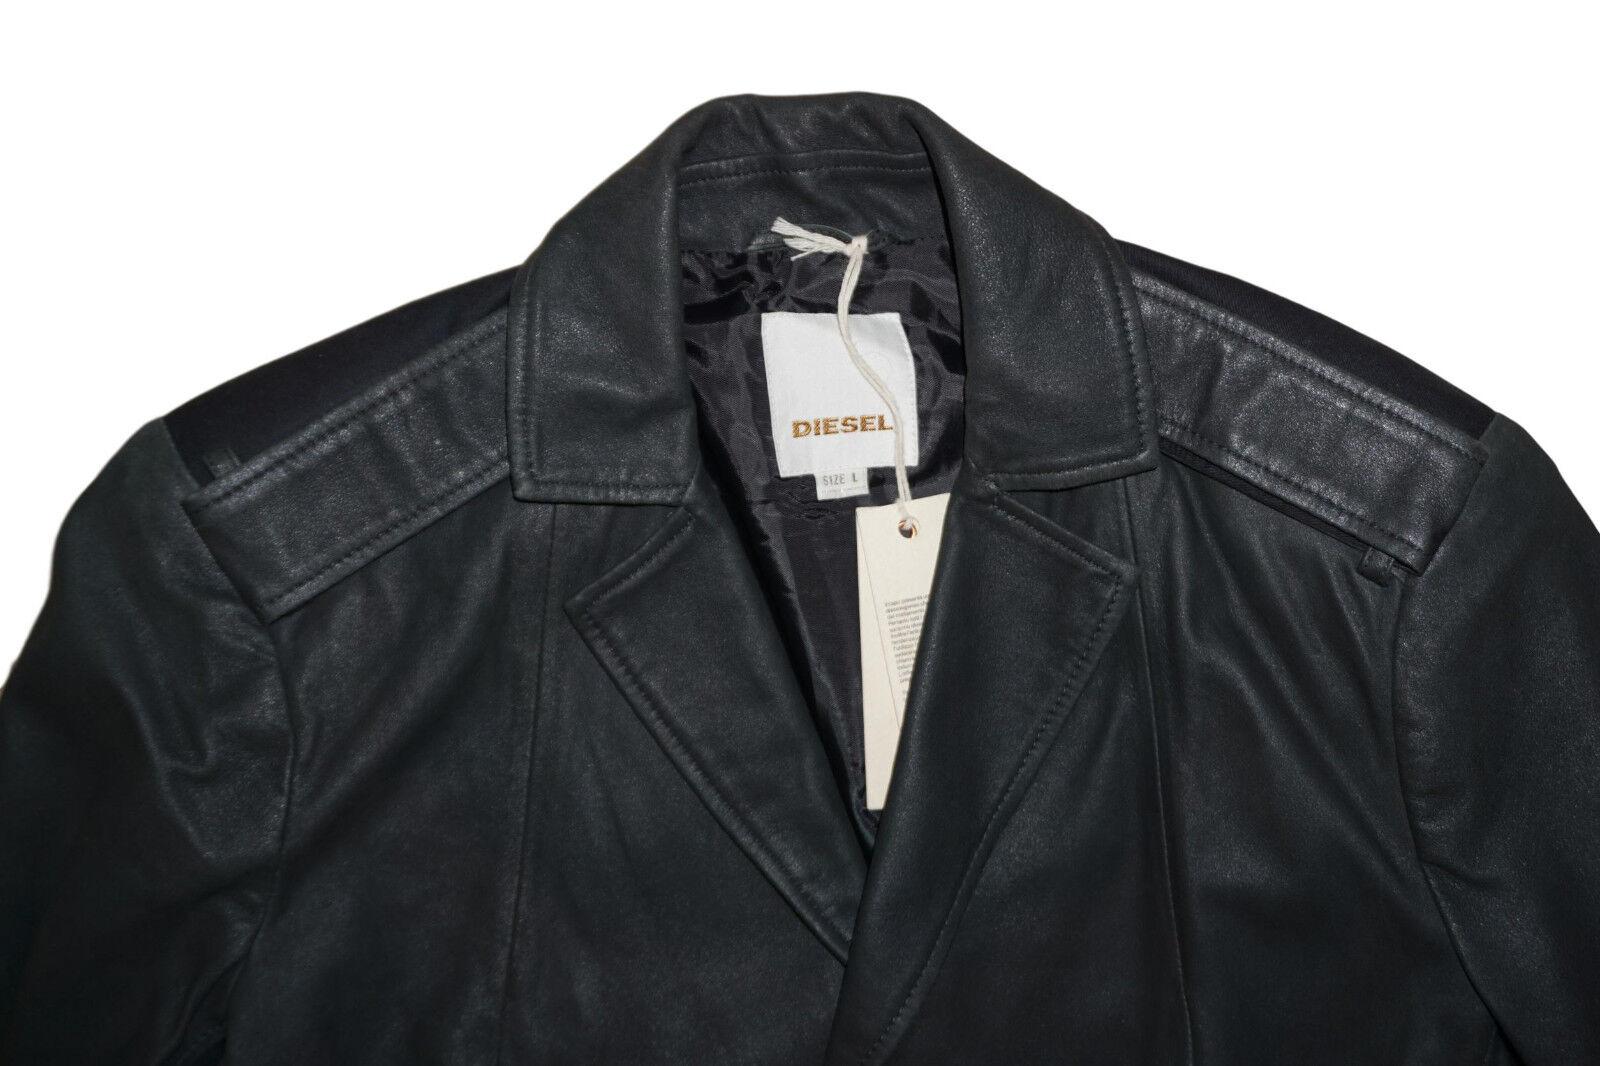 Under Armour Tactical 1/4 Zip Cold Stehkragen Shirt Cold Zip Gear, Maglietta Uomo, 12fa93